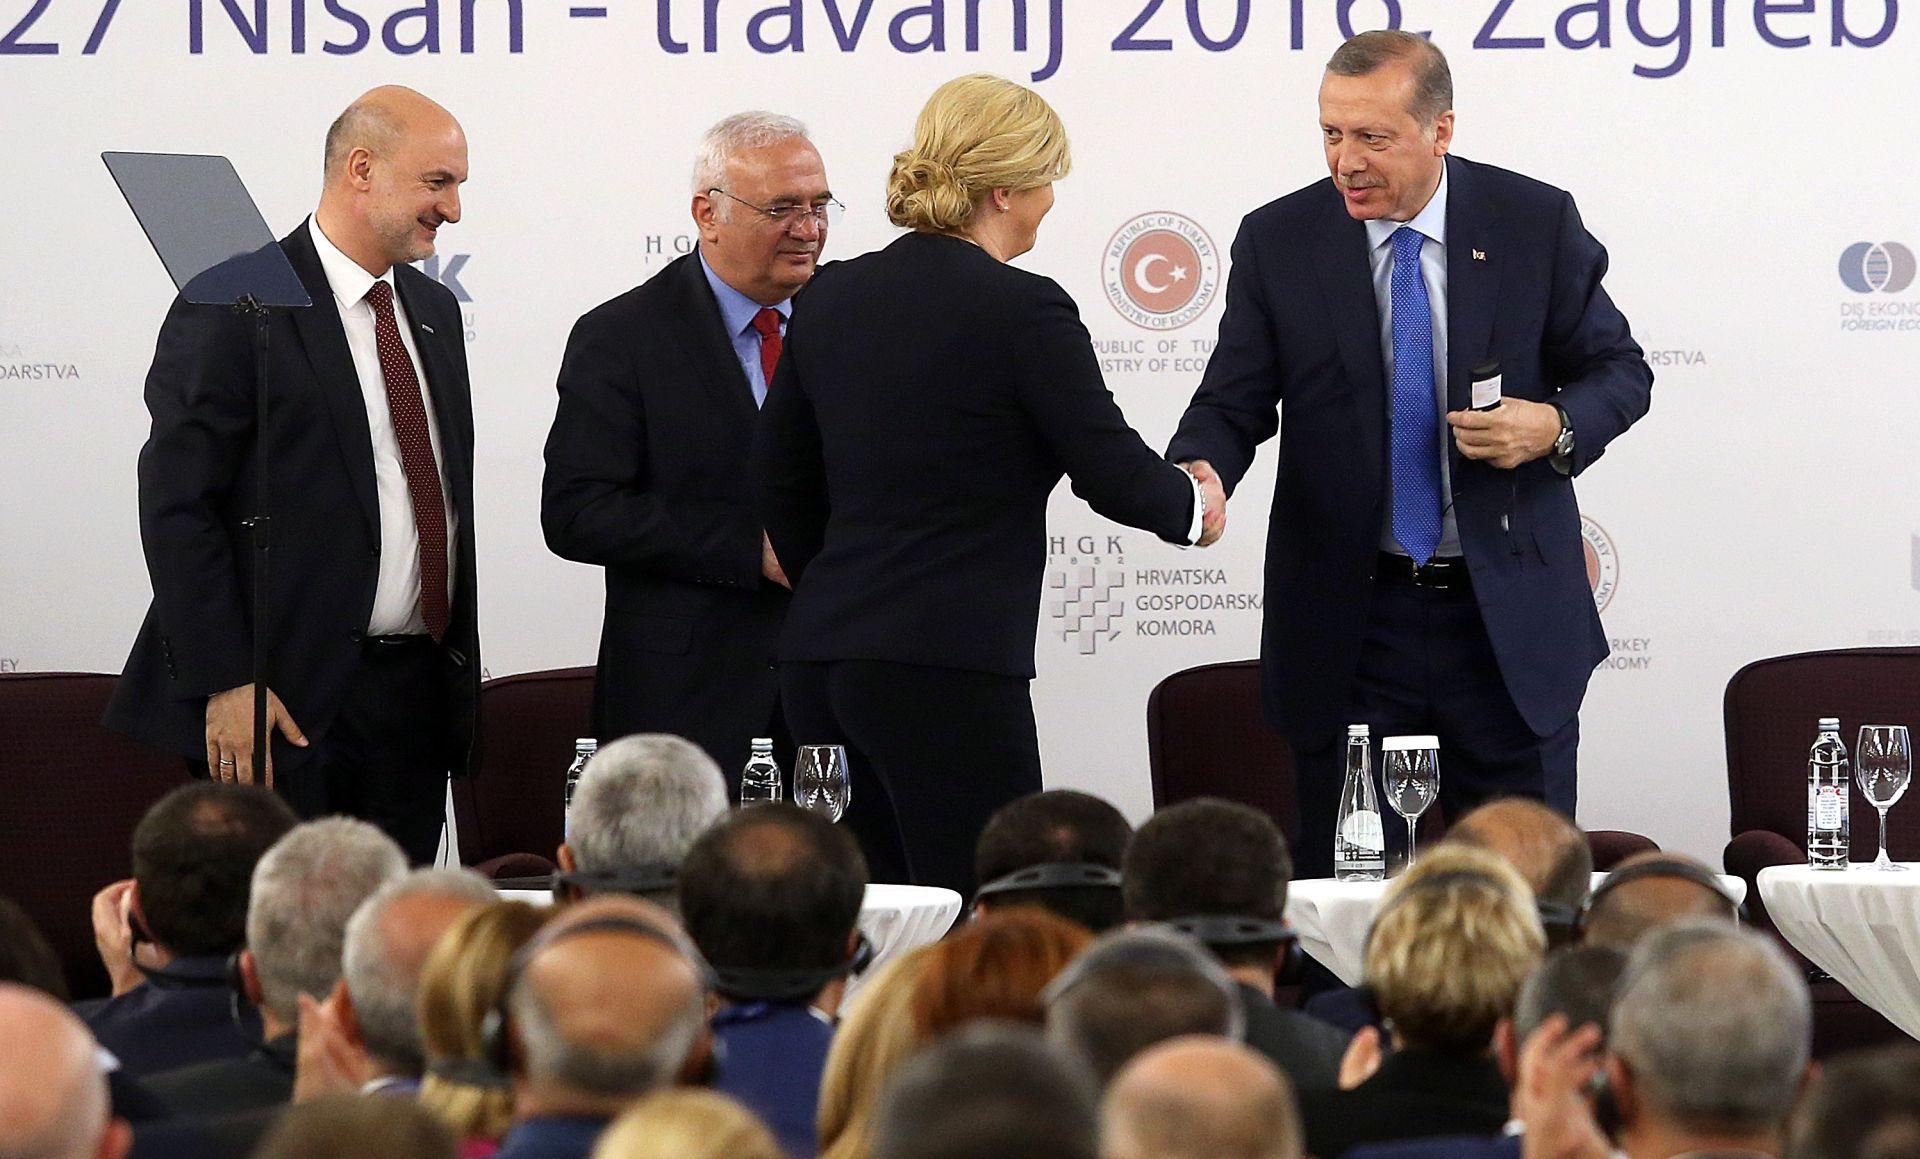 ZAVRŠAVA POSJET HRVATSKOJ: Hrvatski ministri s Erdoganom otvorili Turski kulturni centar